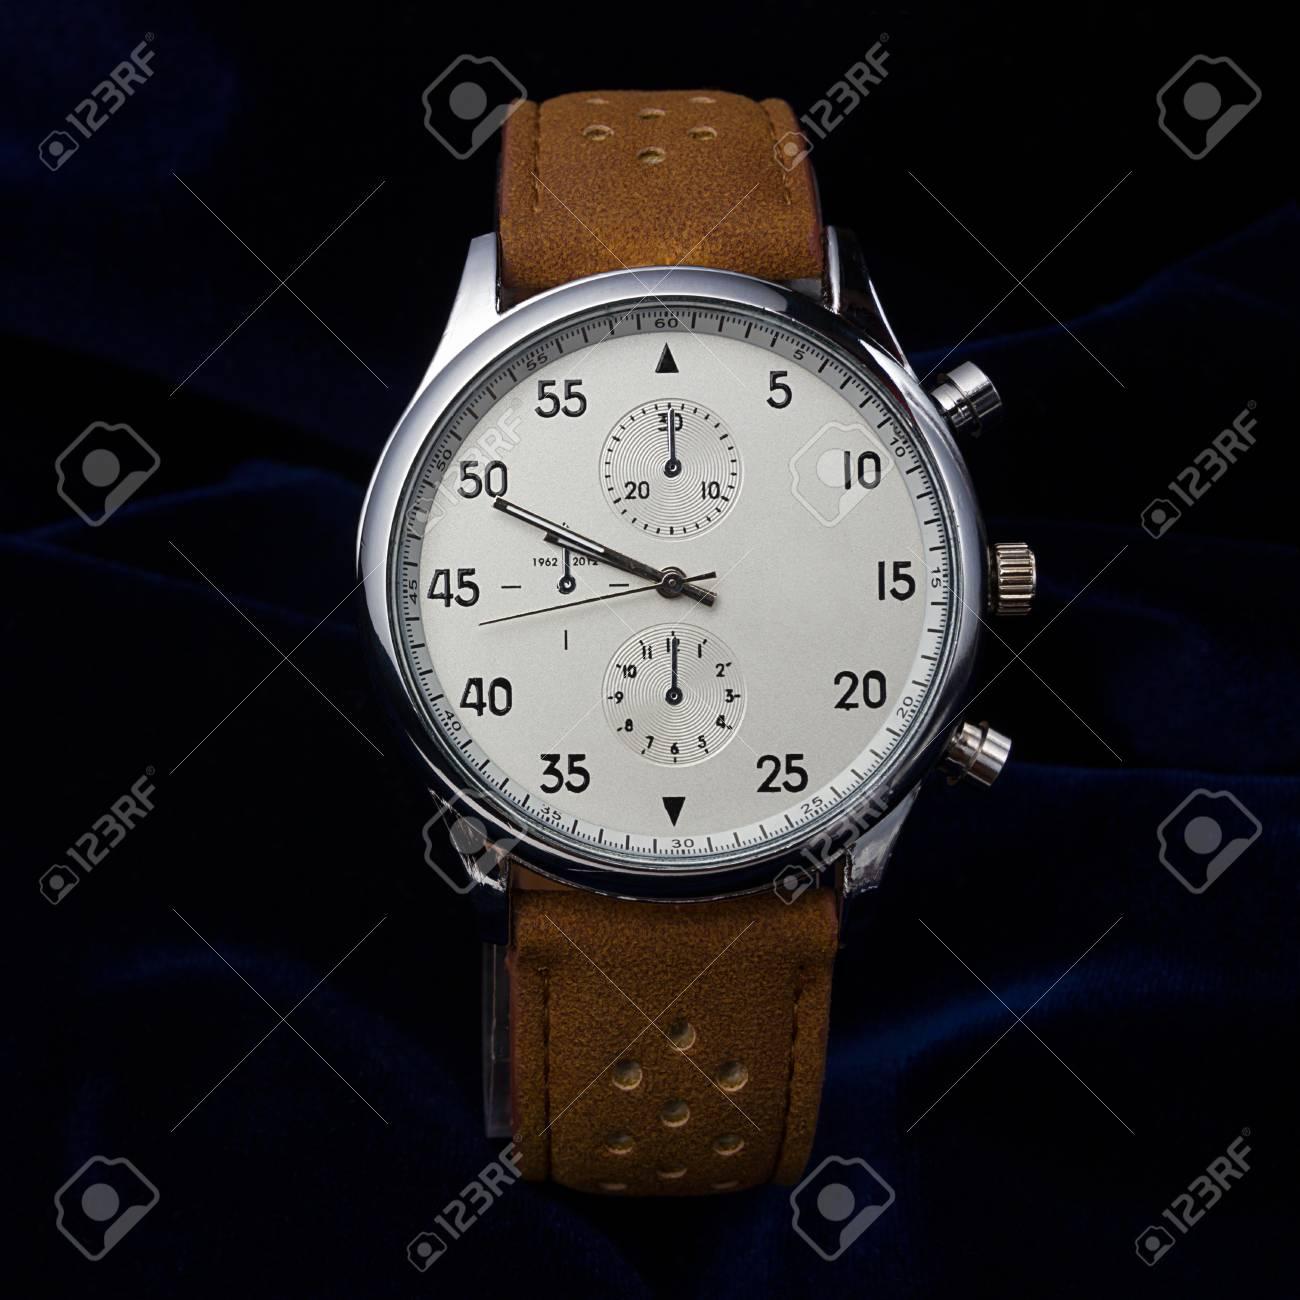 5d13909b9eba Foto de archivo - Reloj de pulsera para hombres con correa de cuero marrón  de cerca sobre un fondo azul oscuro